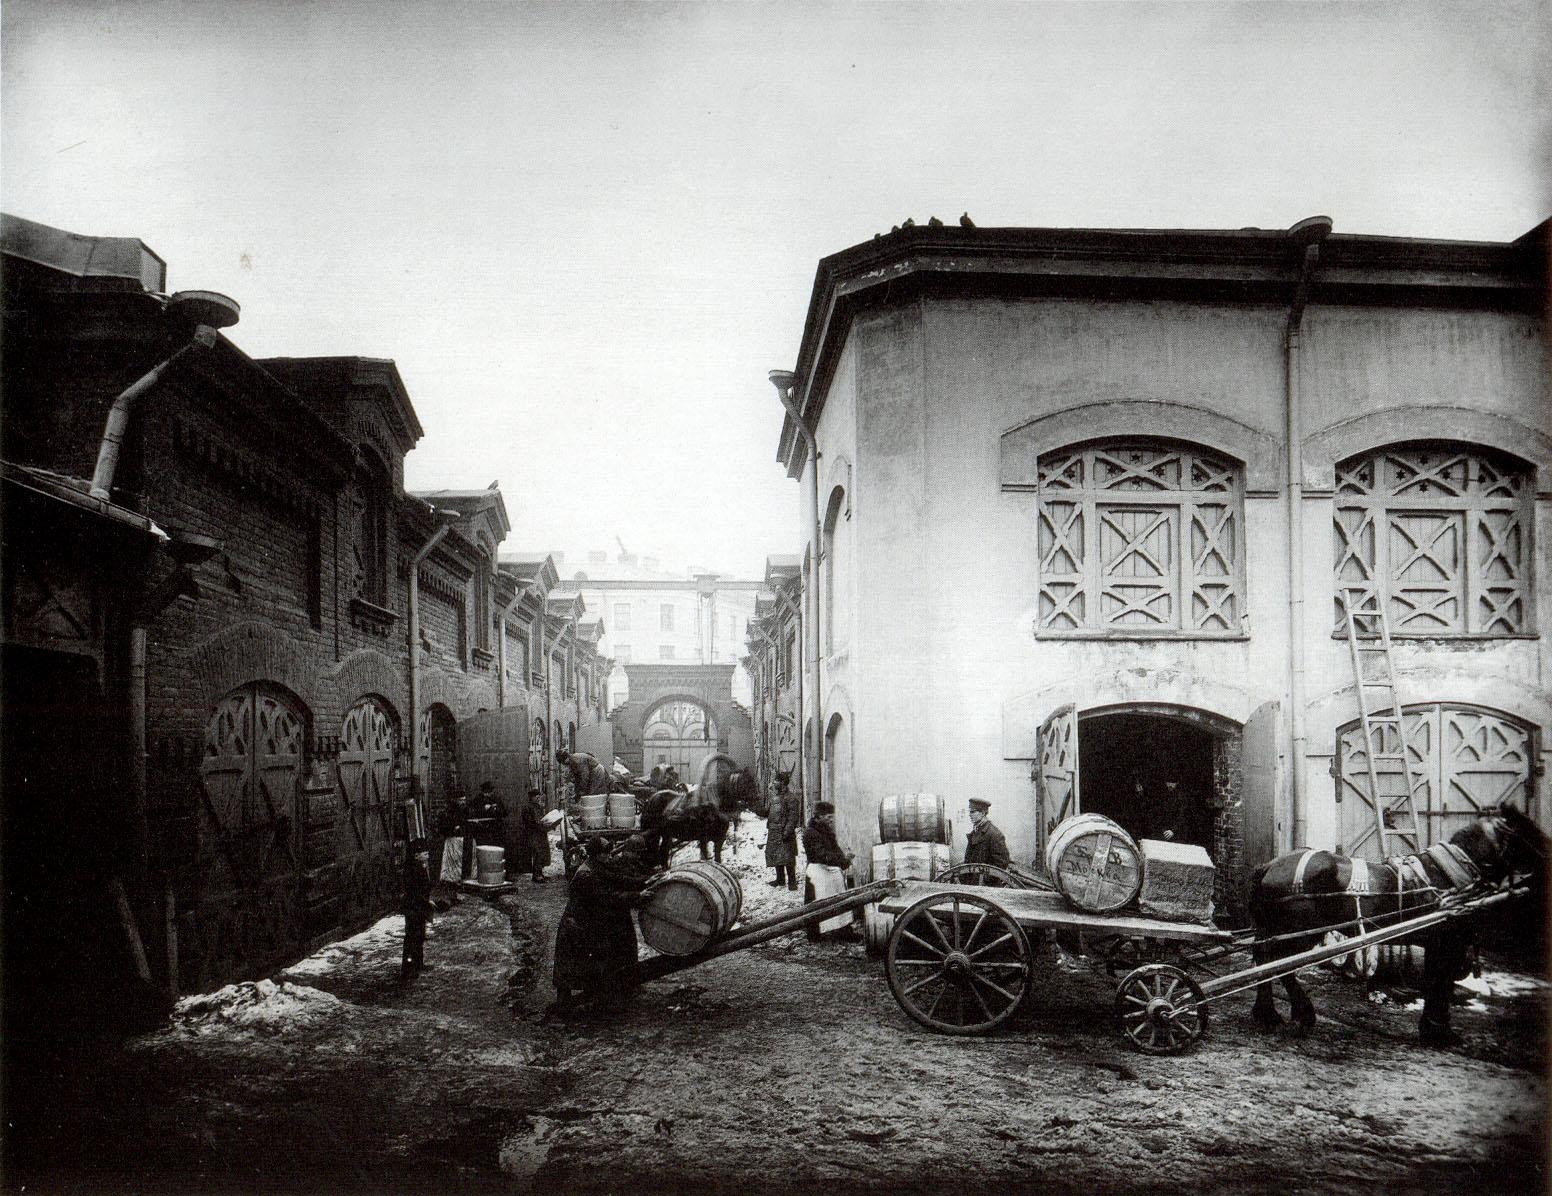 1902. Склад москательных товаров А. Вельца. Рабочие во дворе завода грузят на телеги бочки для отправки в Москву